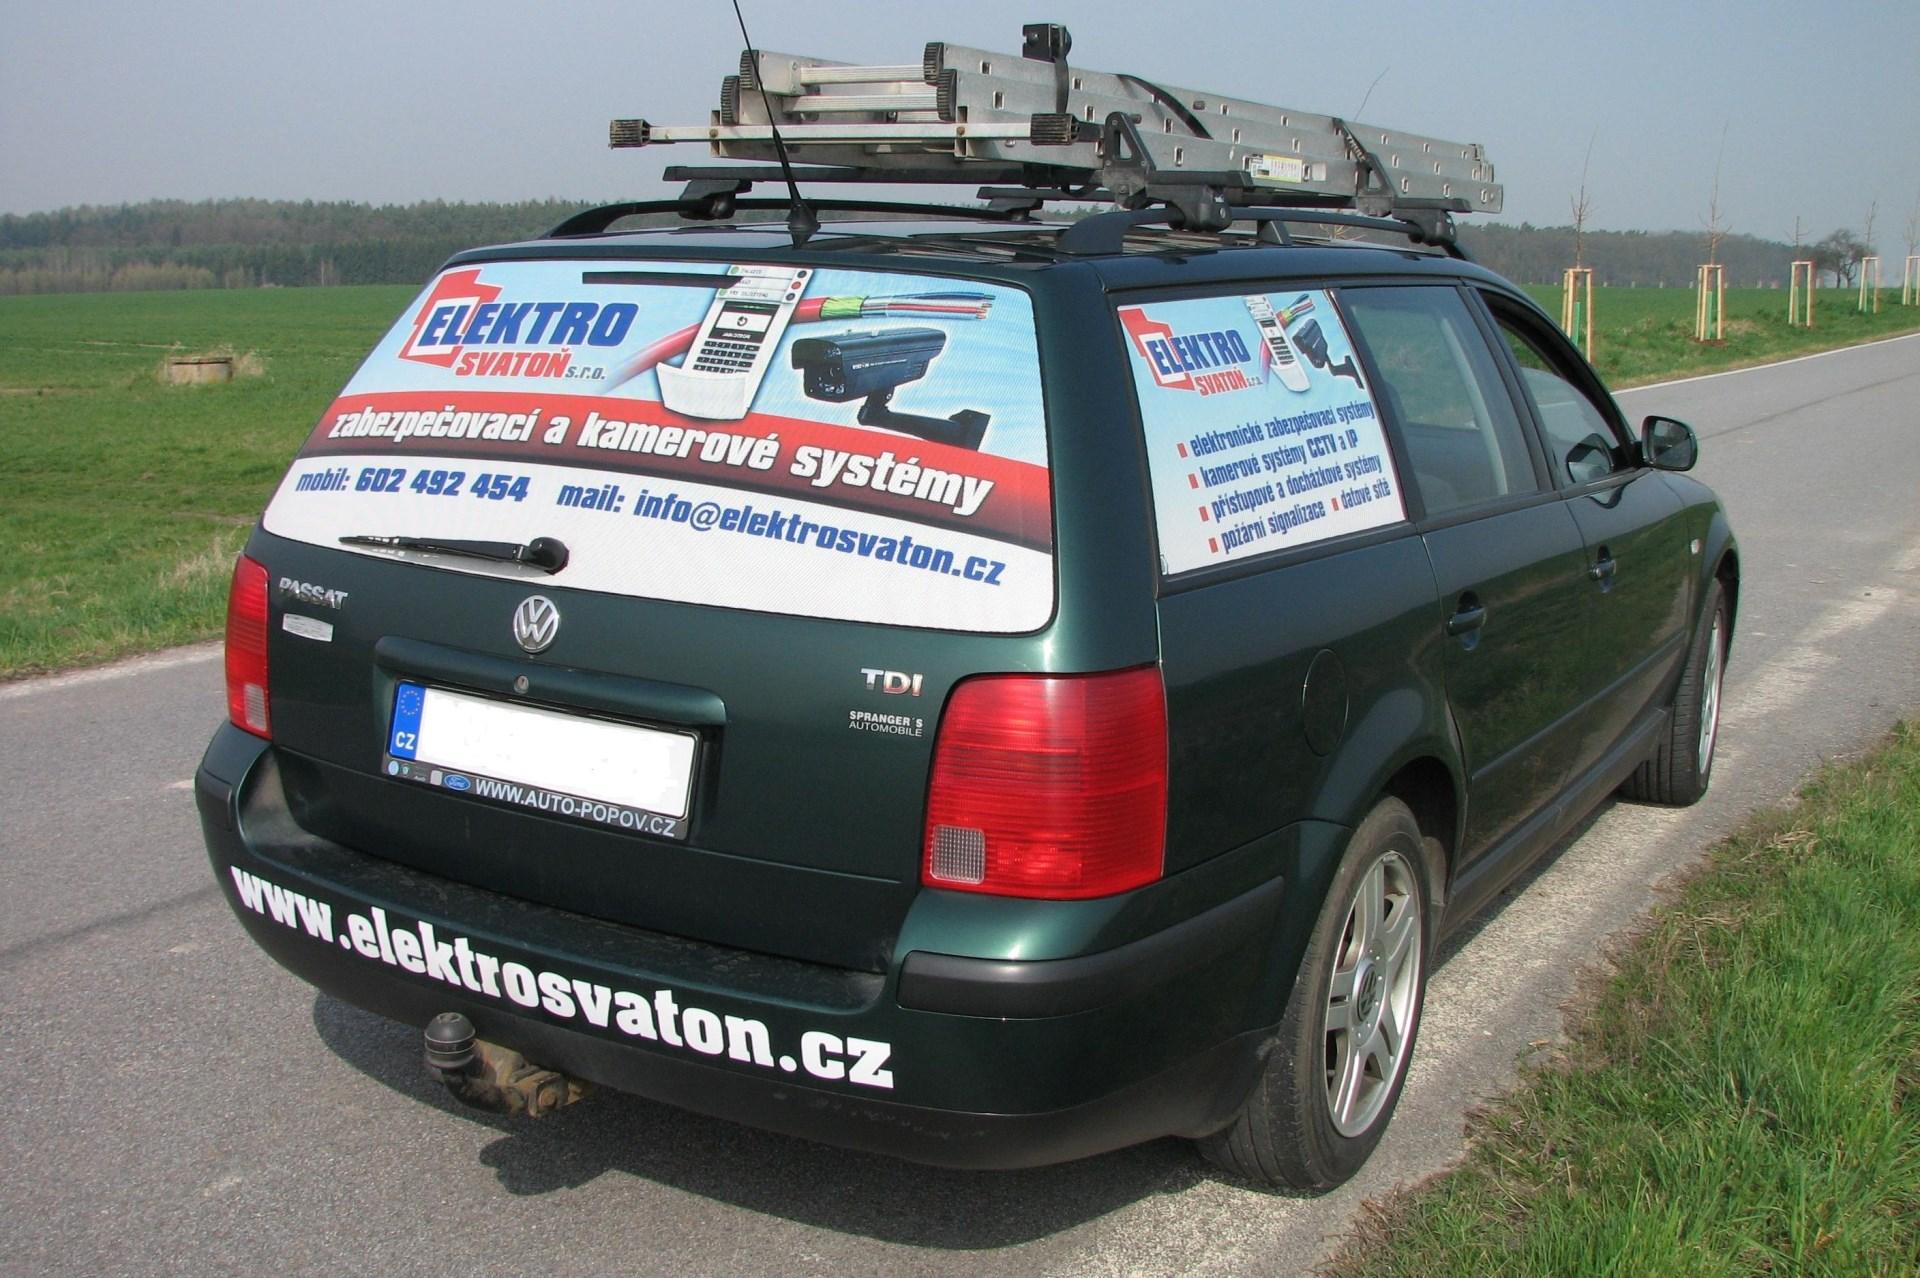 auto Elektro Svatoň